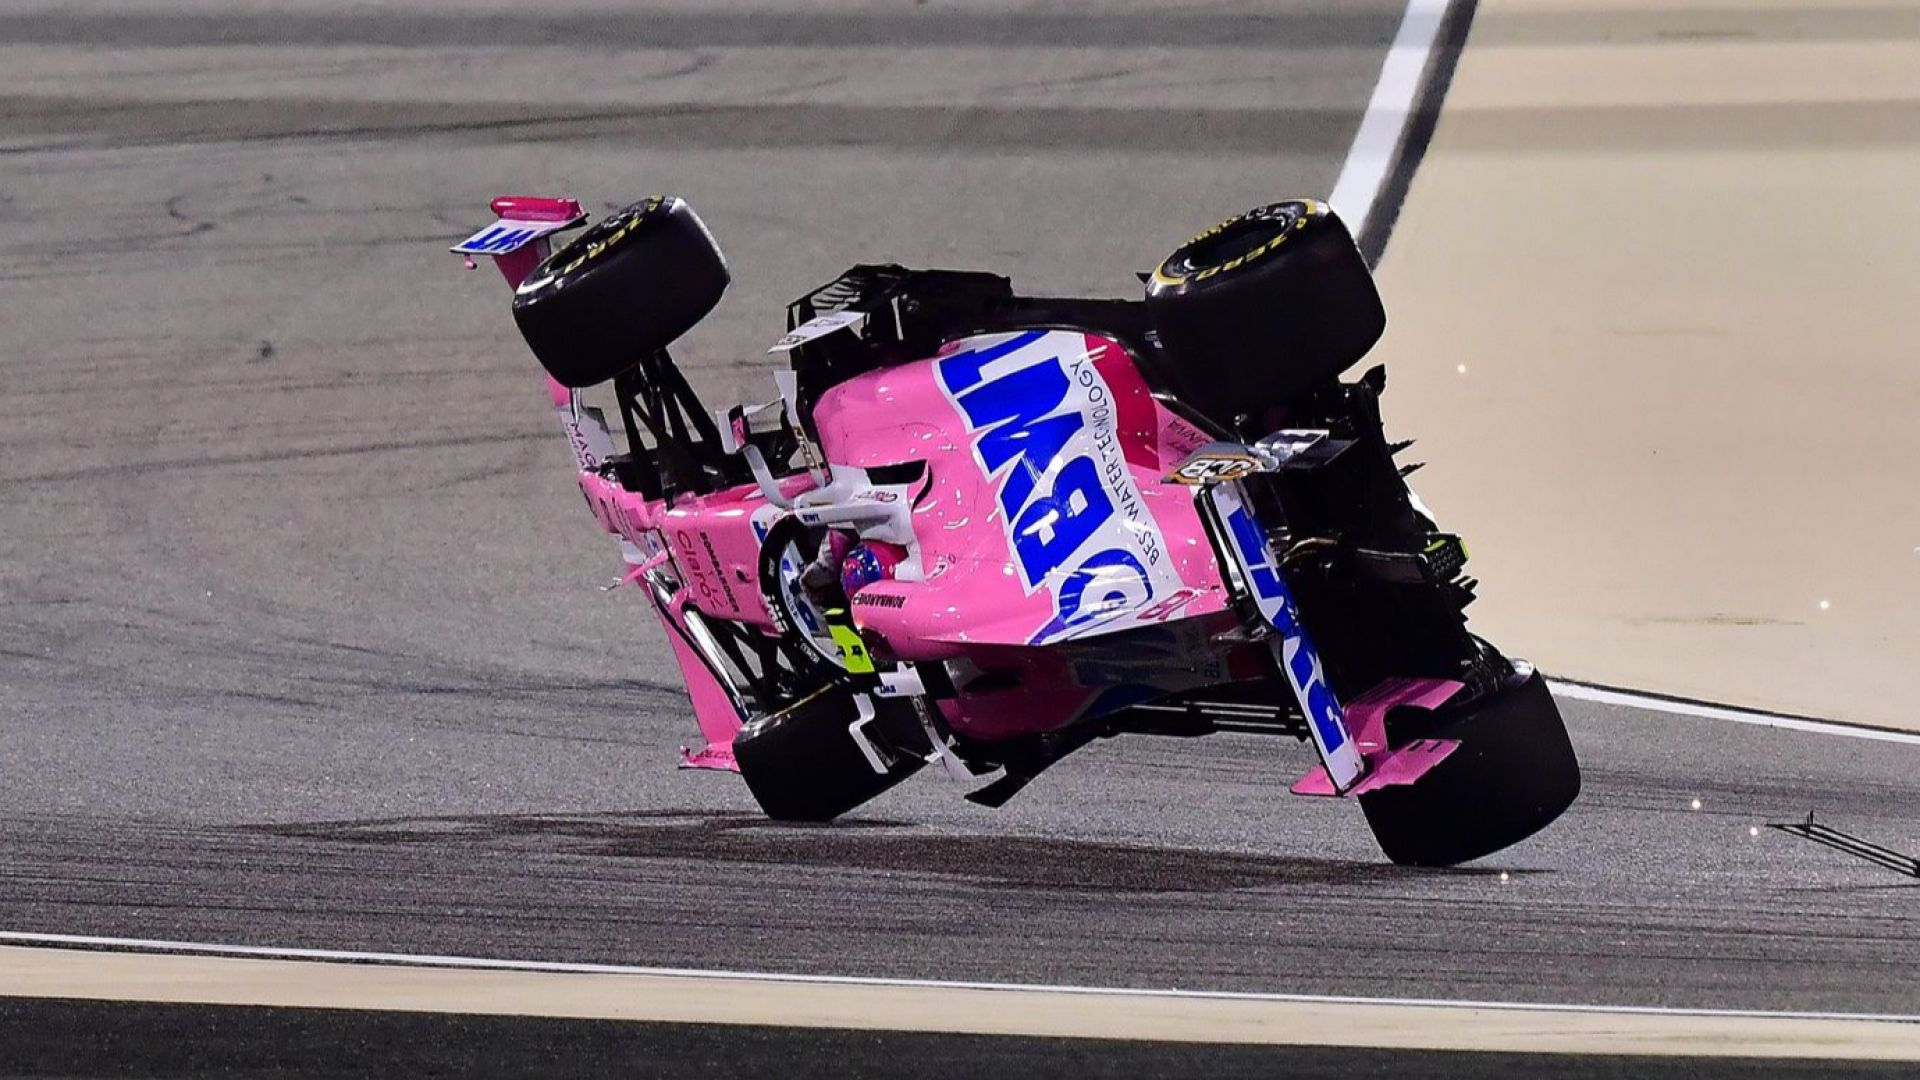 Във Формула 1 се чудят как да сглобят календара, началото на сезона е пред провал